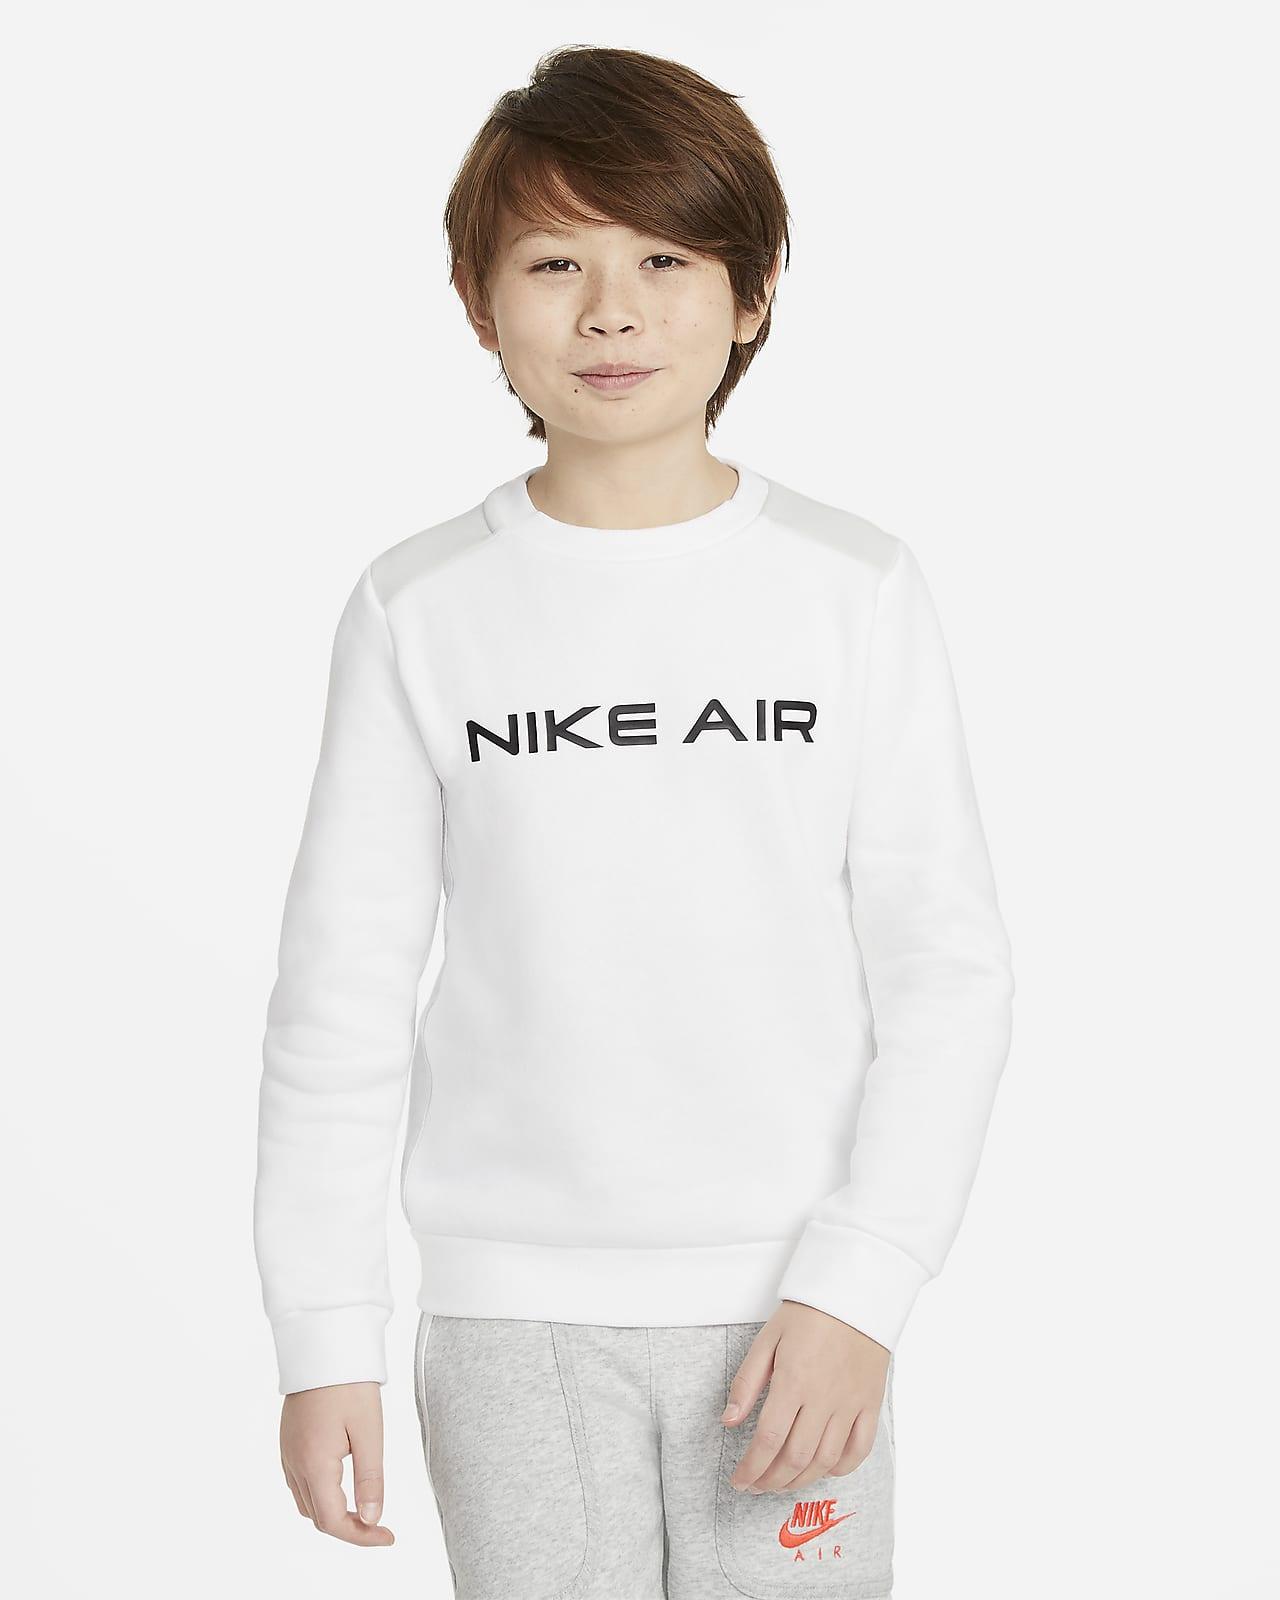 Nike Air Rundhalsshirt für ältere Kinder (Jungen)